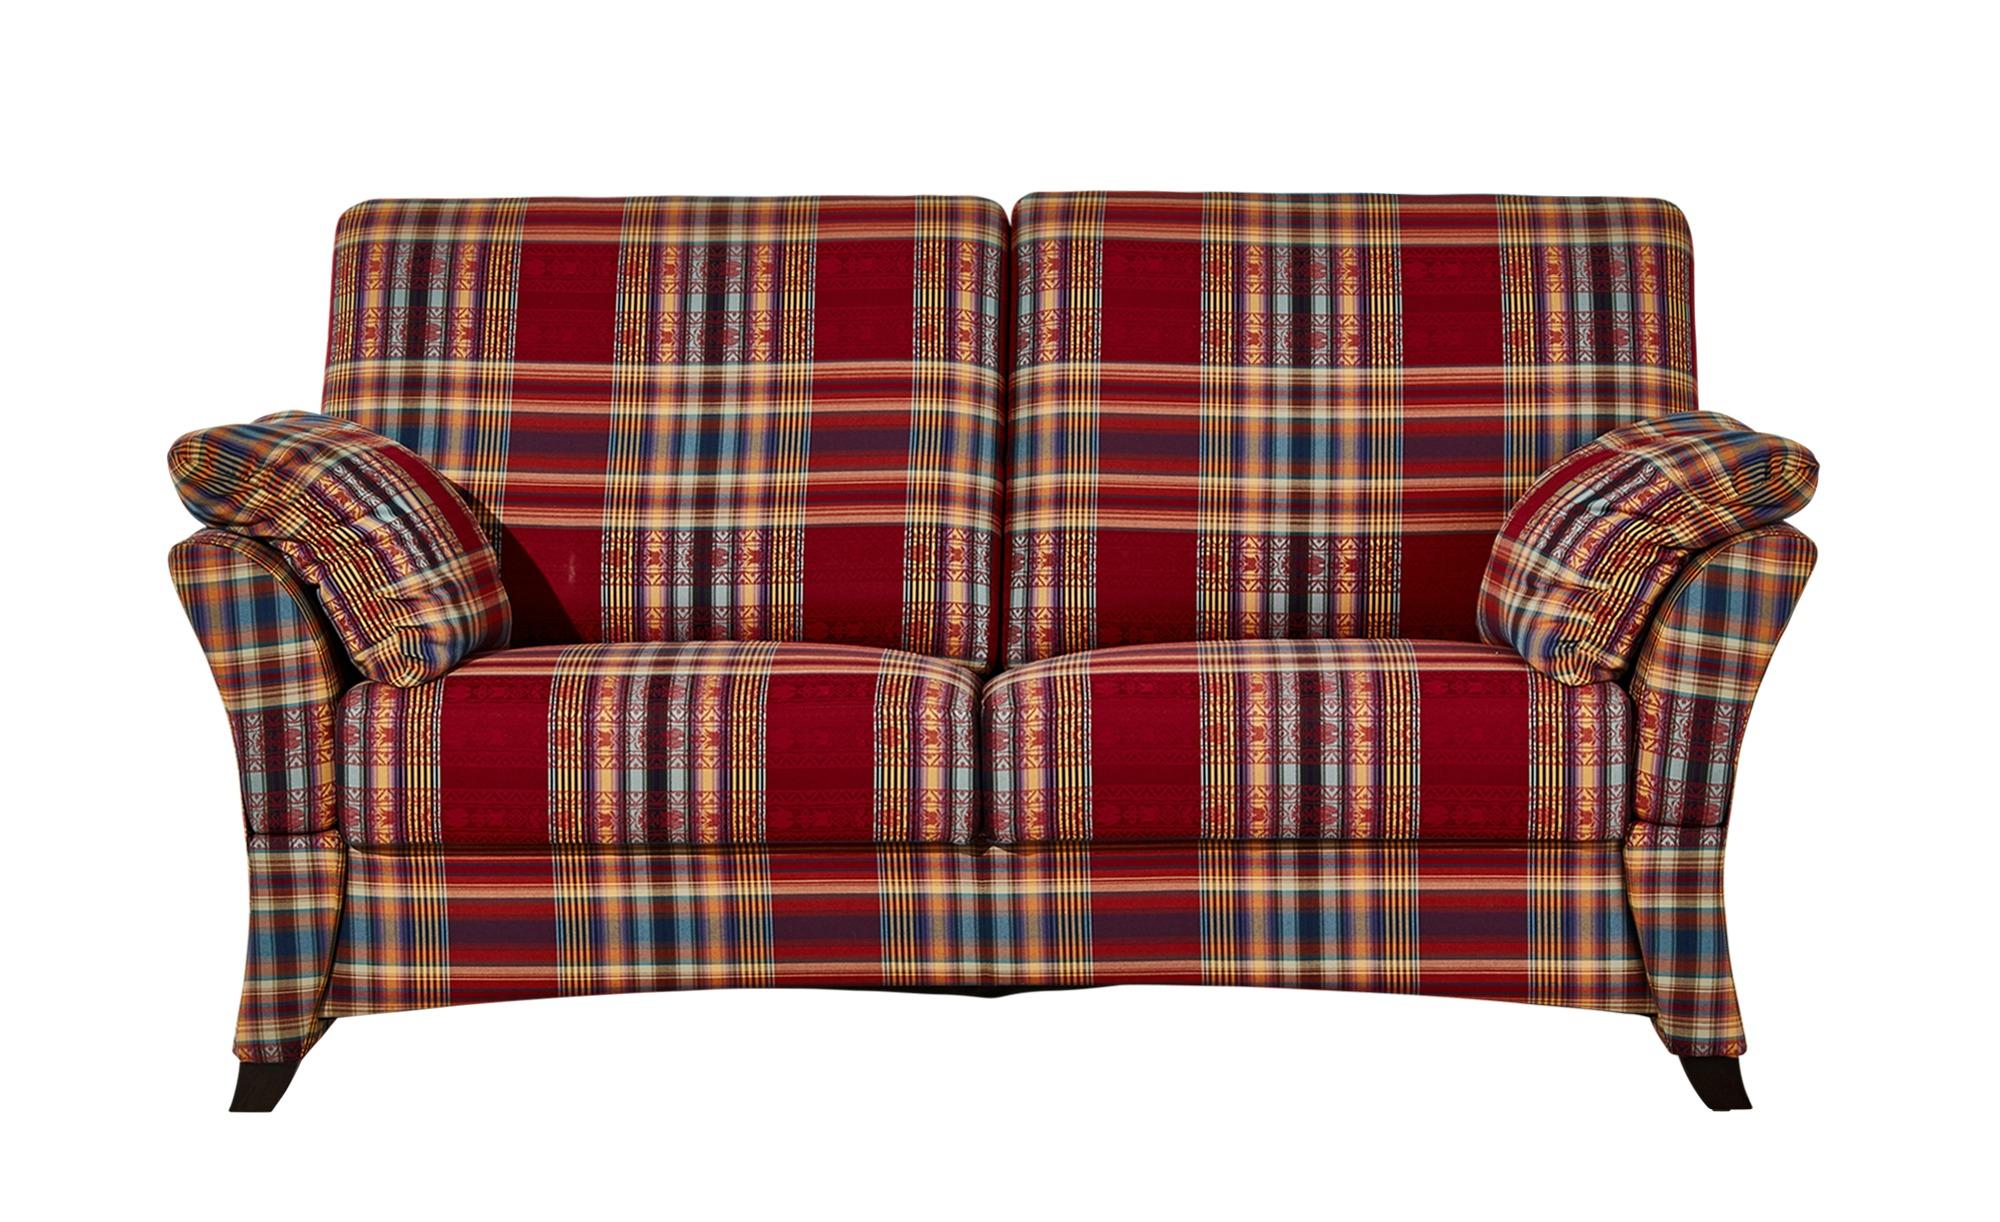 Full Size of Sofa 2 Samt Stoff Grau Bett Mit Rückenlehne Schillig überzug Aus Matratzen Bettkasten Dauerschläfer Spannbezug Esstisch Baumkante Küche Kaufen Sofa Sofa Mit Verstellbarer Sitztiefe